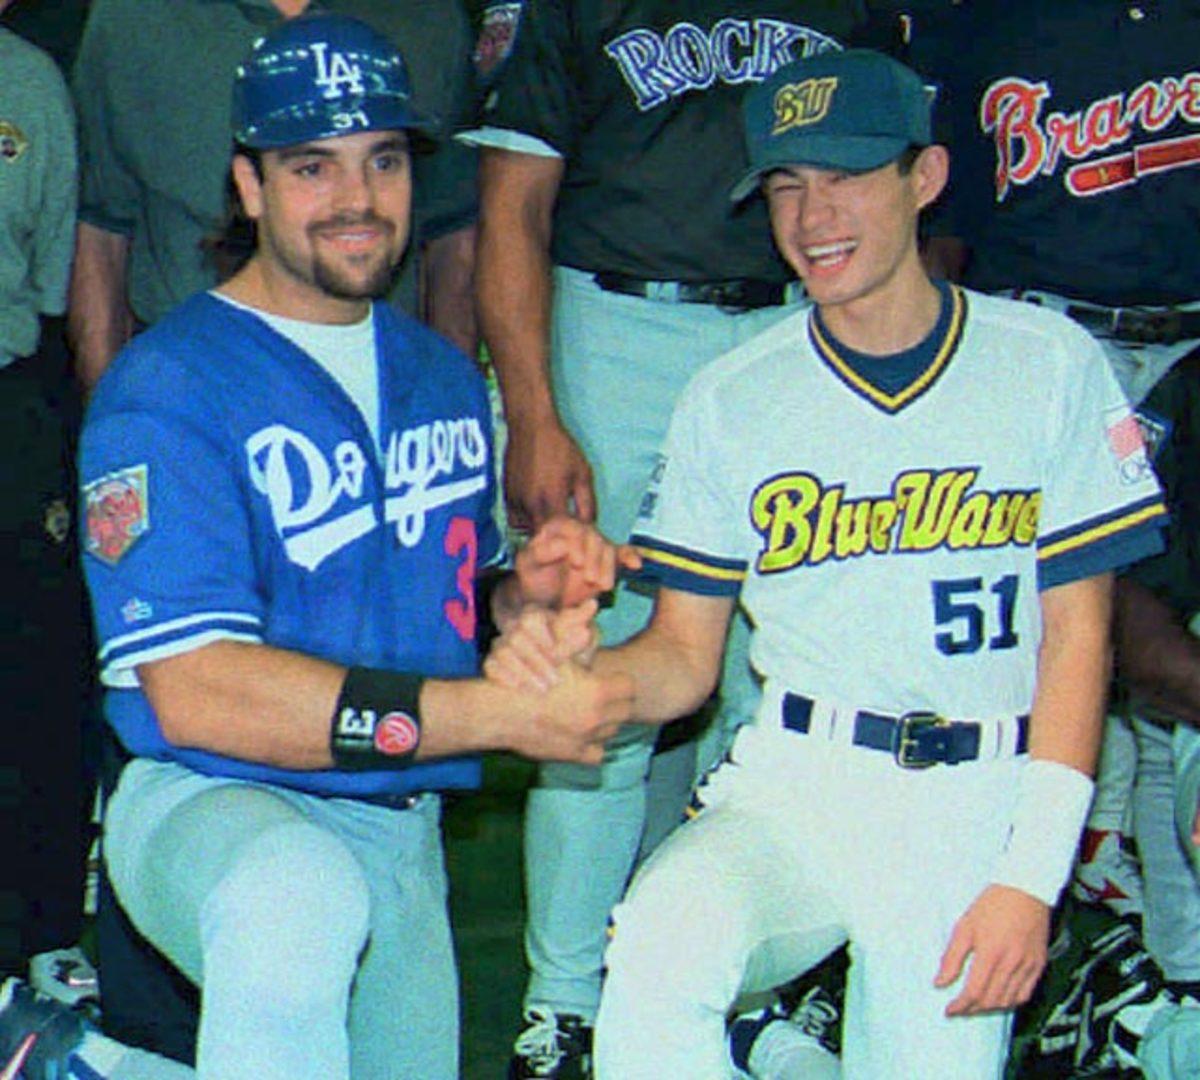 Mike Piazza and Ichiro Suzuki